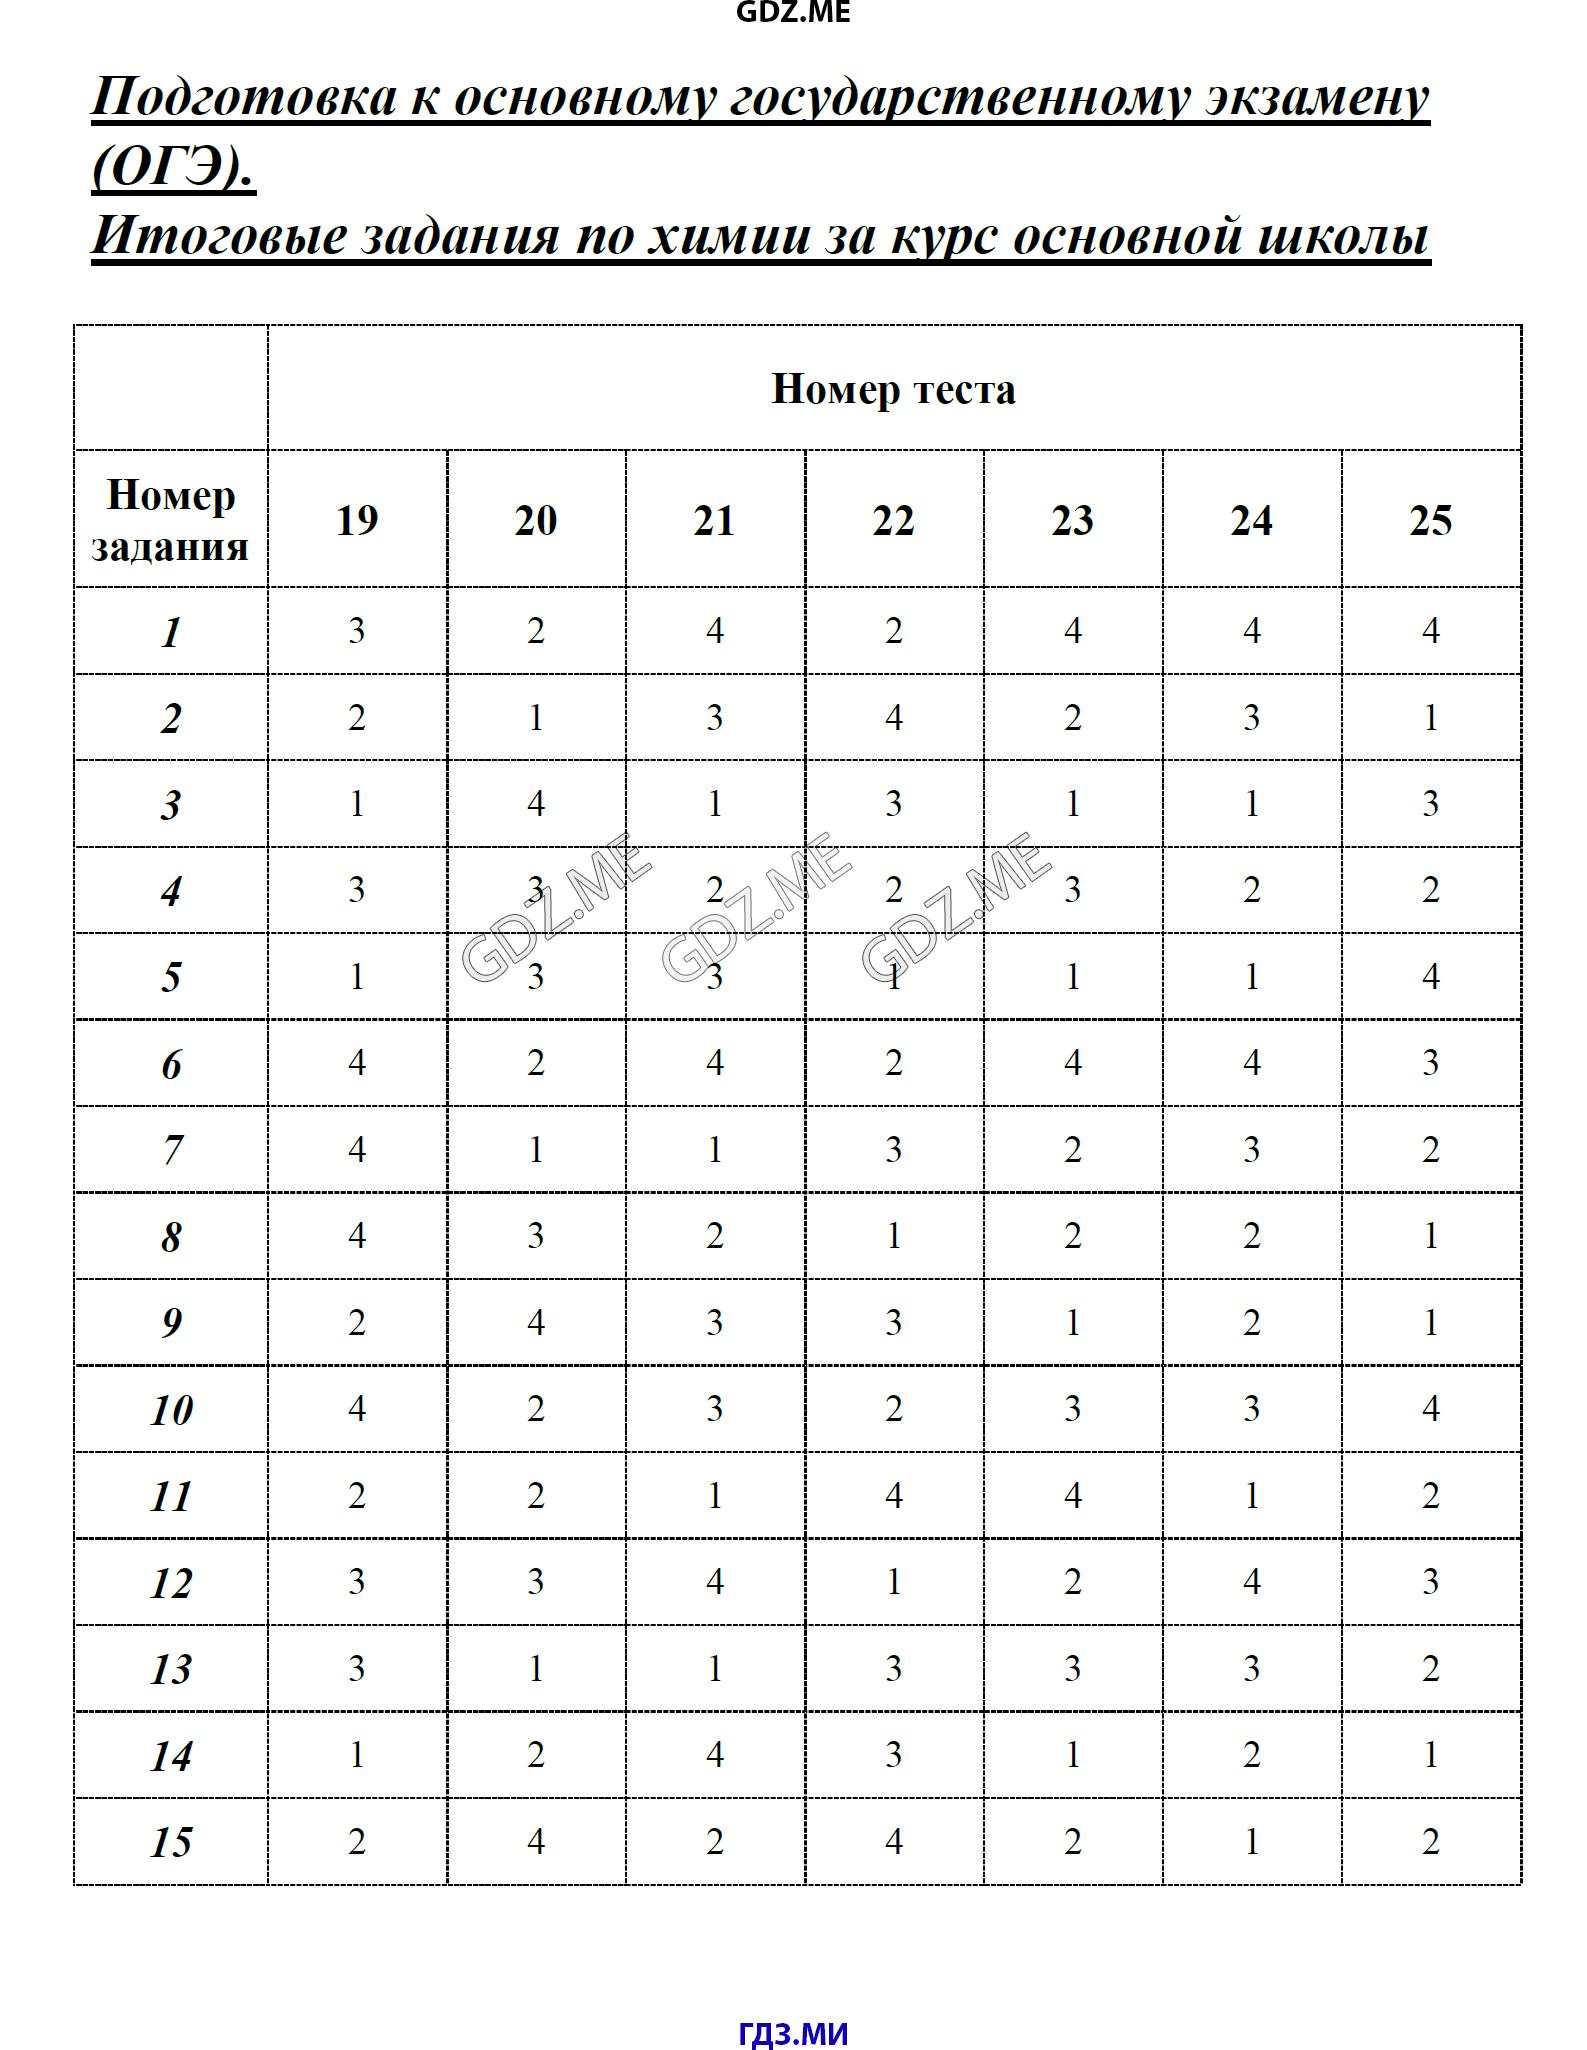 ГДЗ по химии класс Рябов тесты Неметаллы решебник Итоговые задания по химии за курс основной школы Тесты задания базового уровня